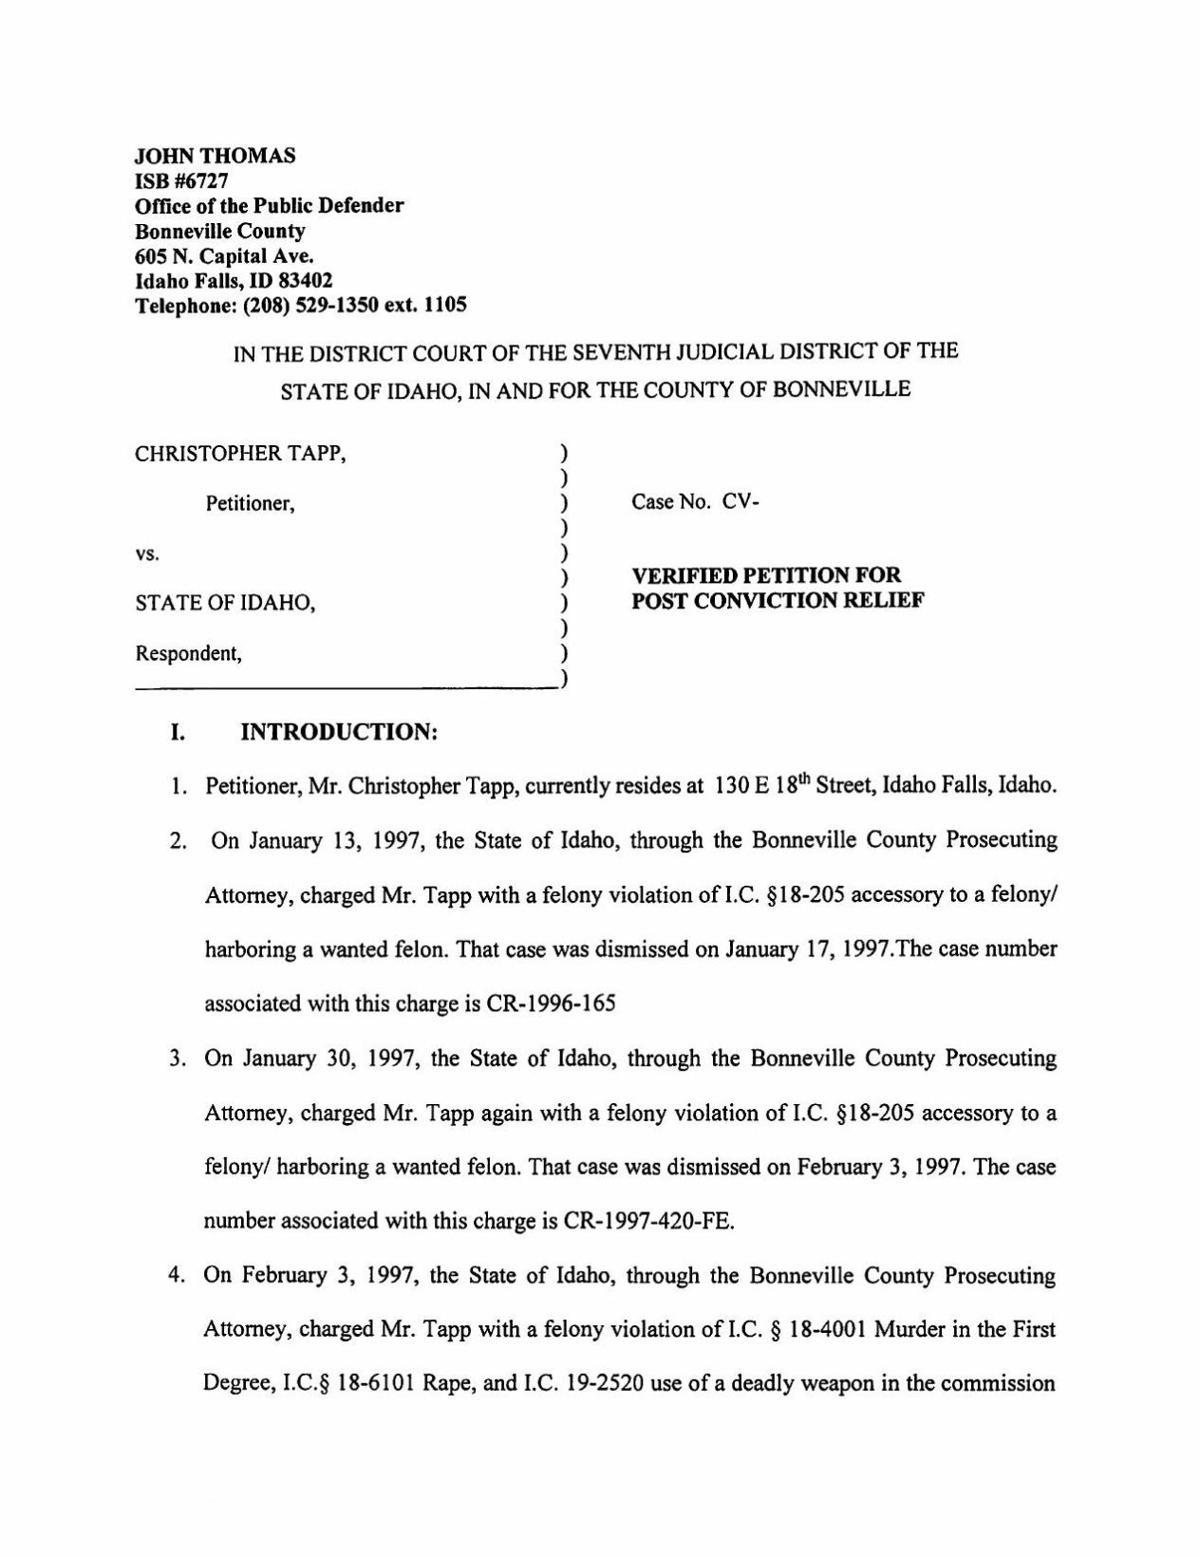 Tapp's motion for exoneration